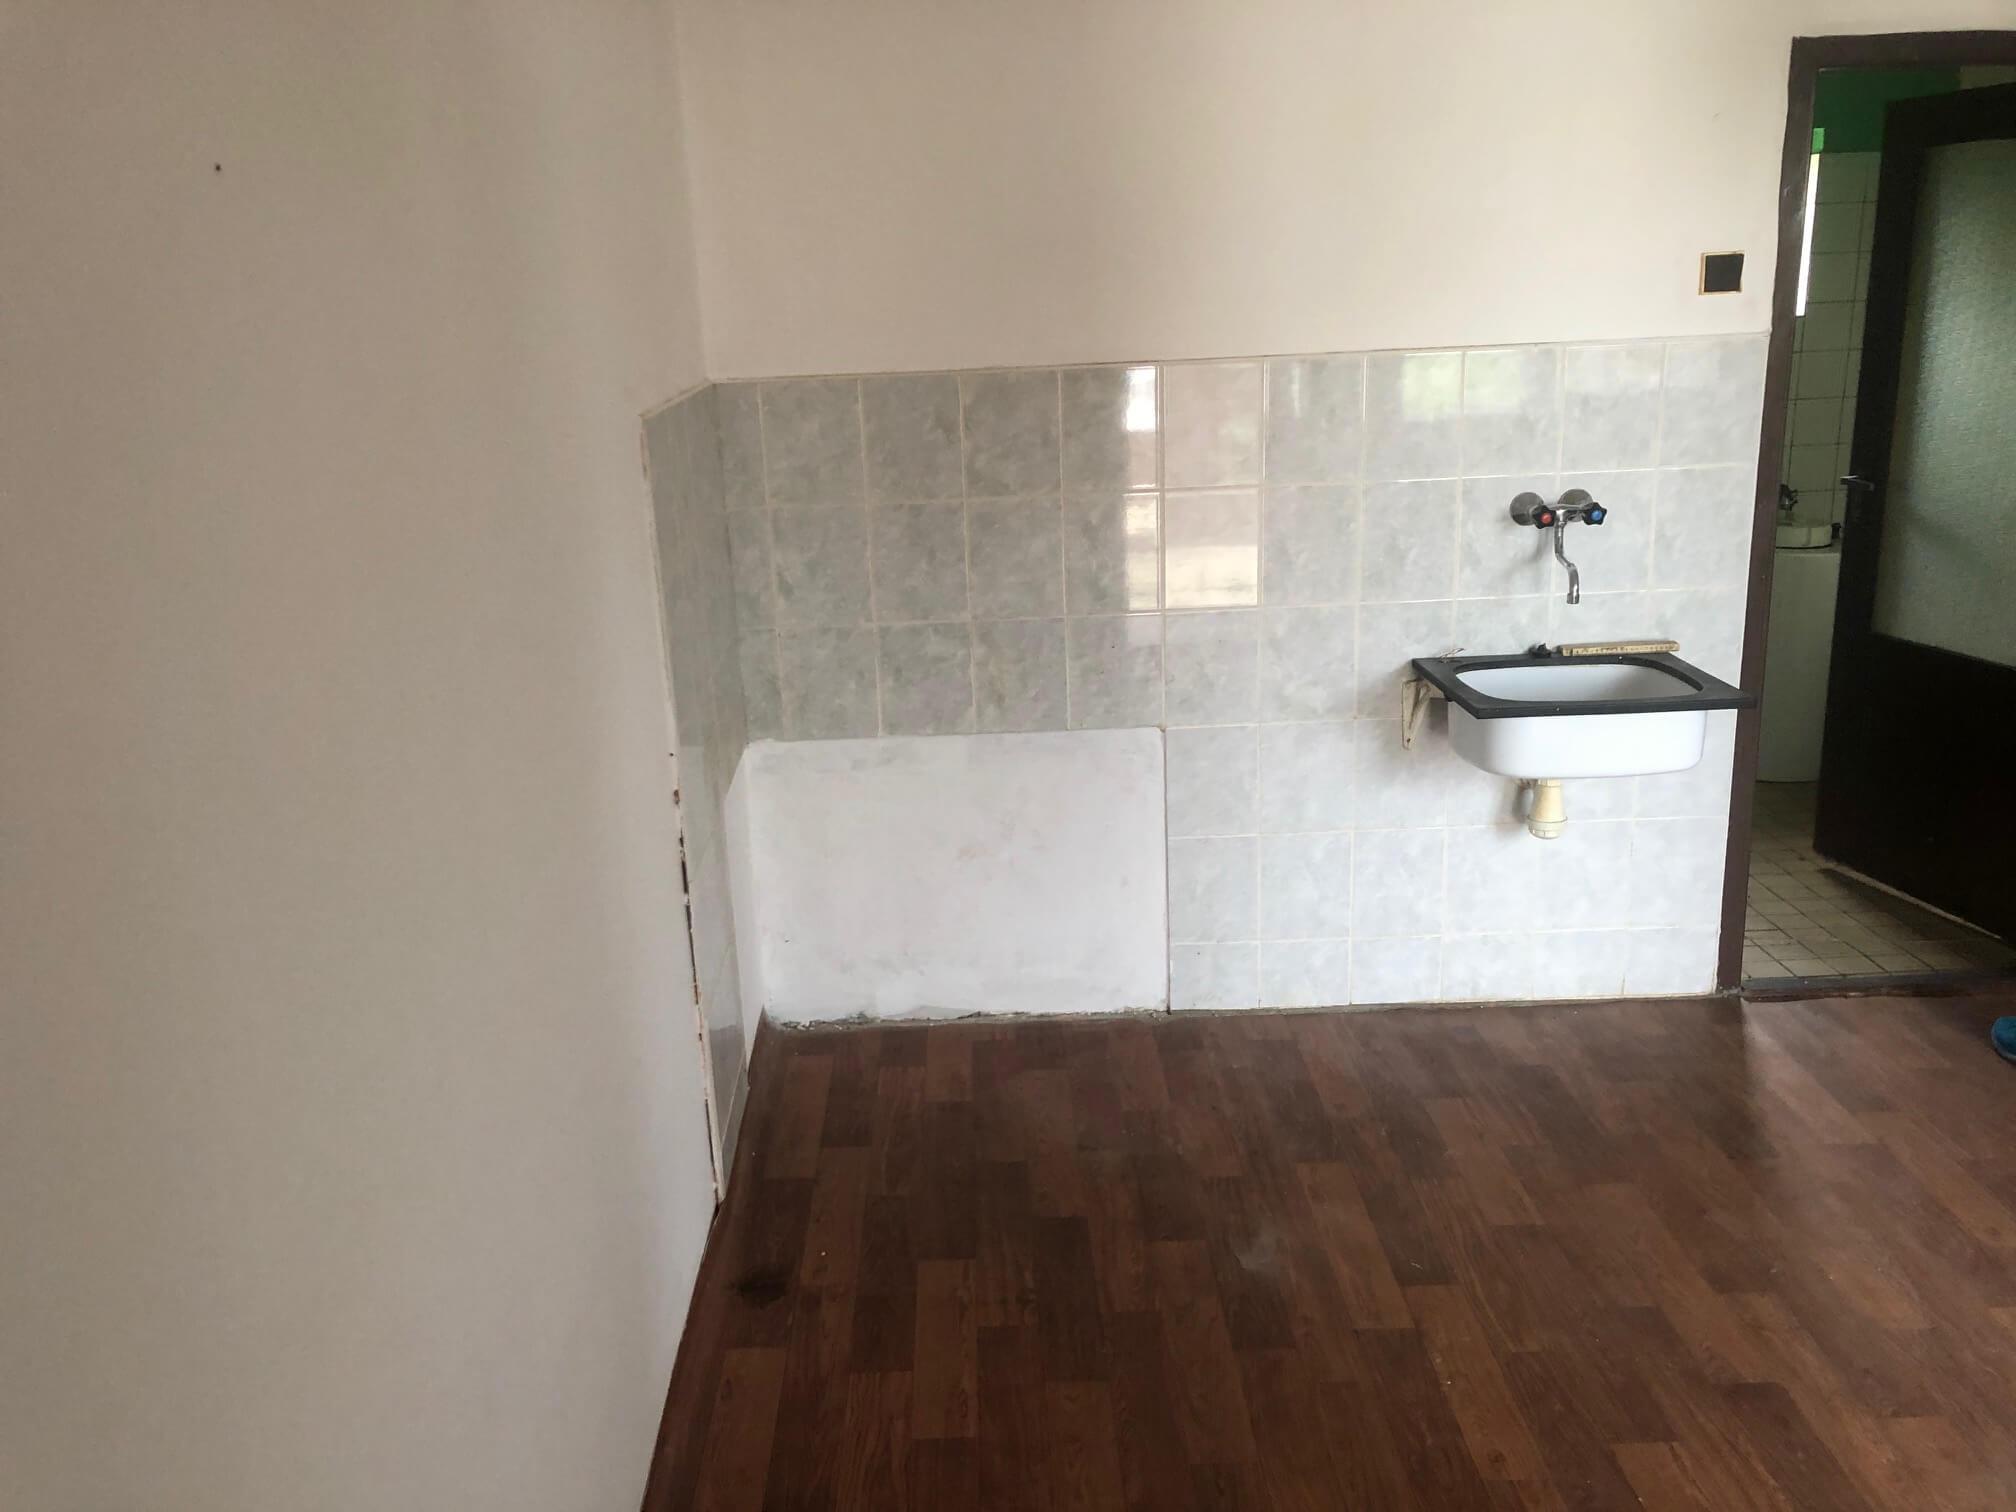 Predané: Pôvodný 4 izbový Rodinný dom v Šoporni, úžitková 96m2 plus 96m2 povala, pozemok 550m2-13